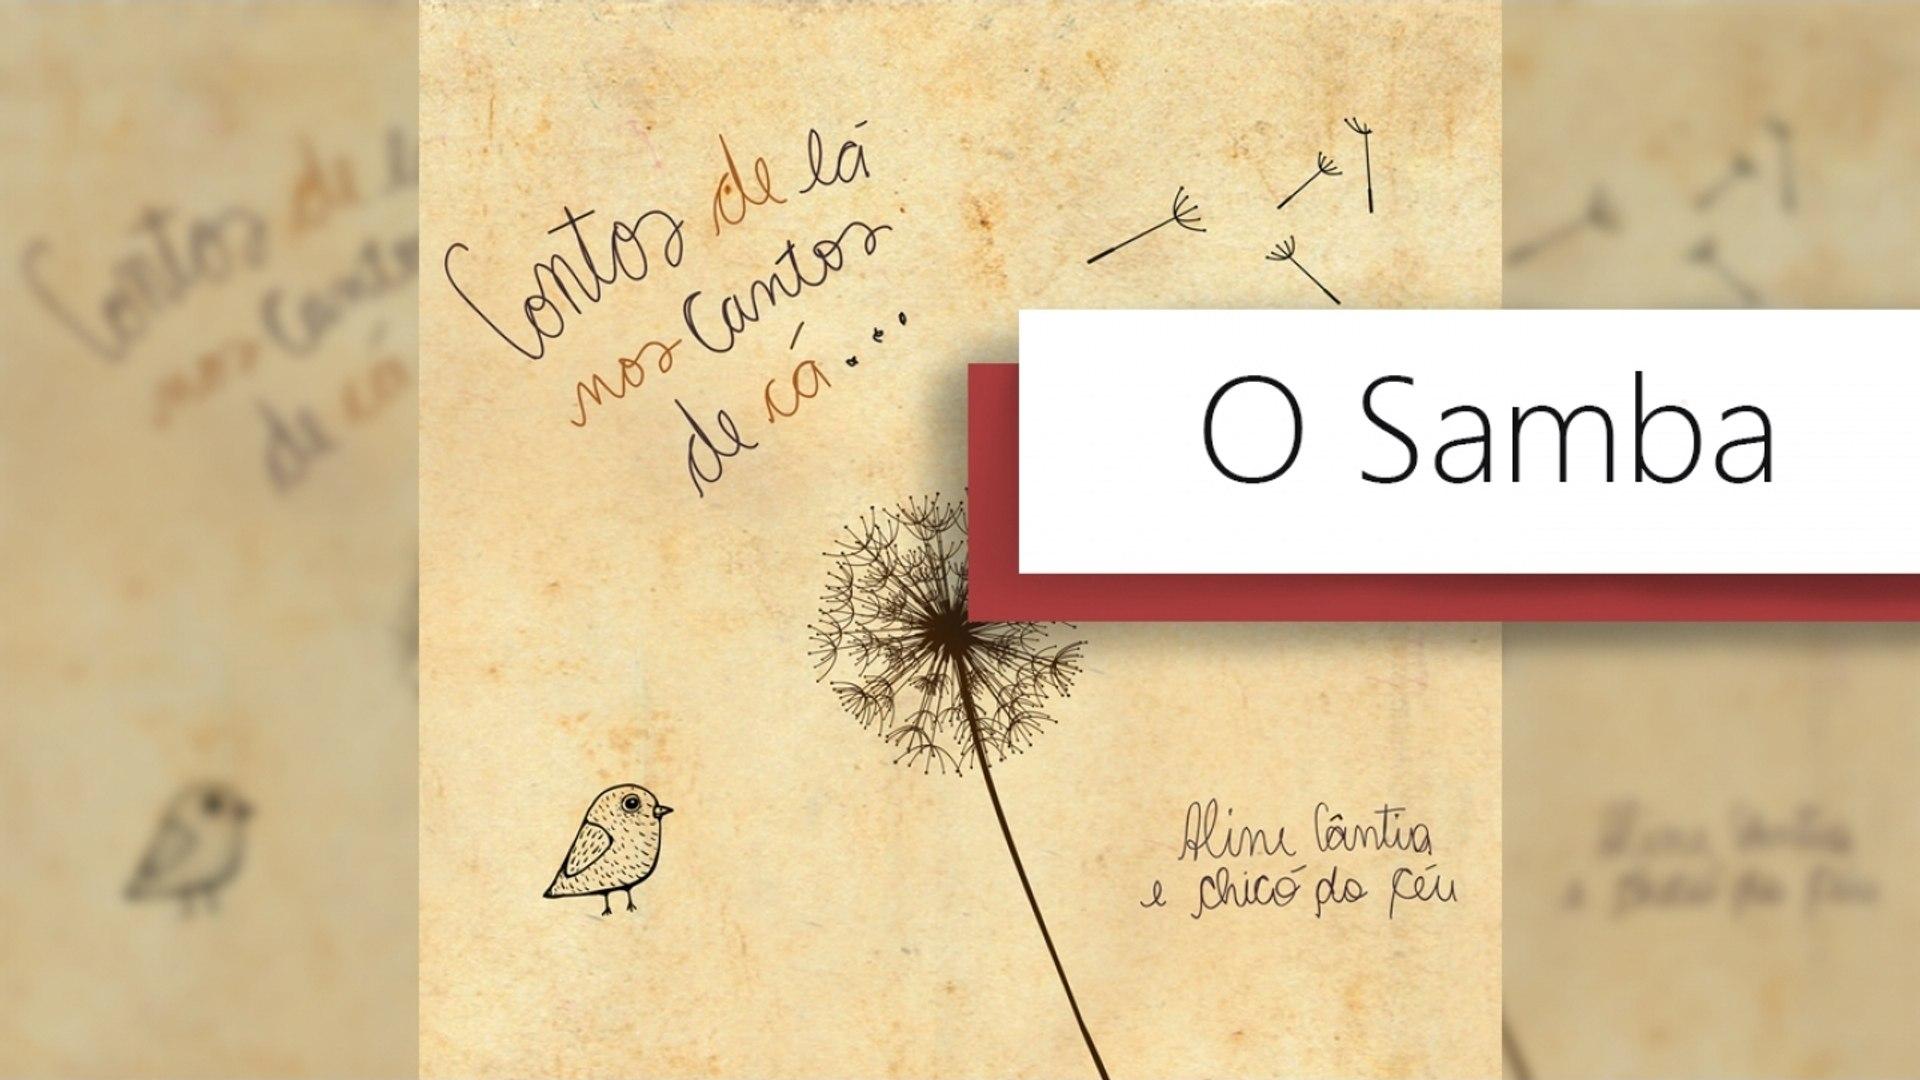 Aline Cântia e Chicó do Céu - O Samba